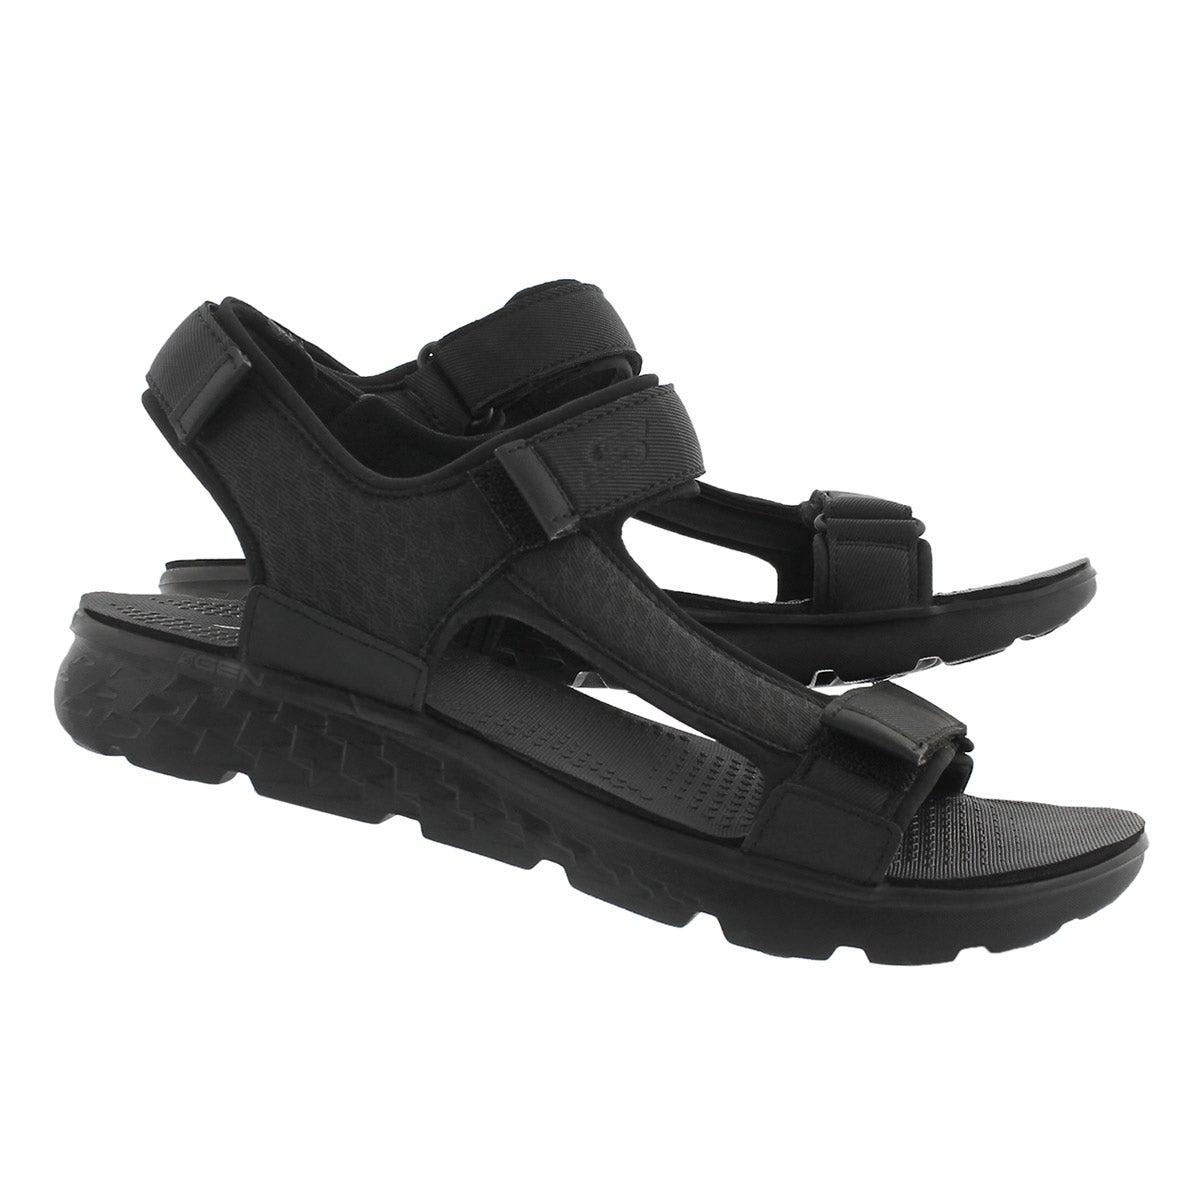 Mns On-The-Go400 Explorer black sandal